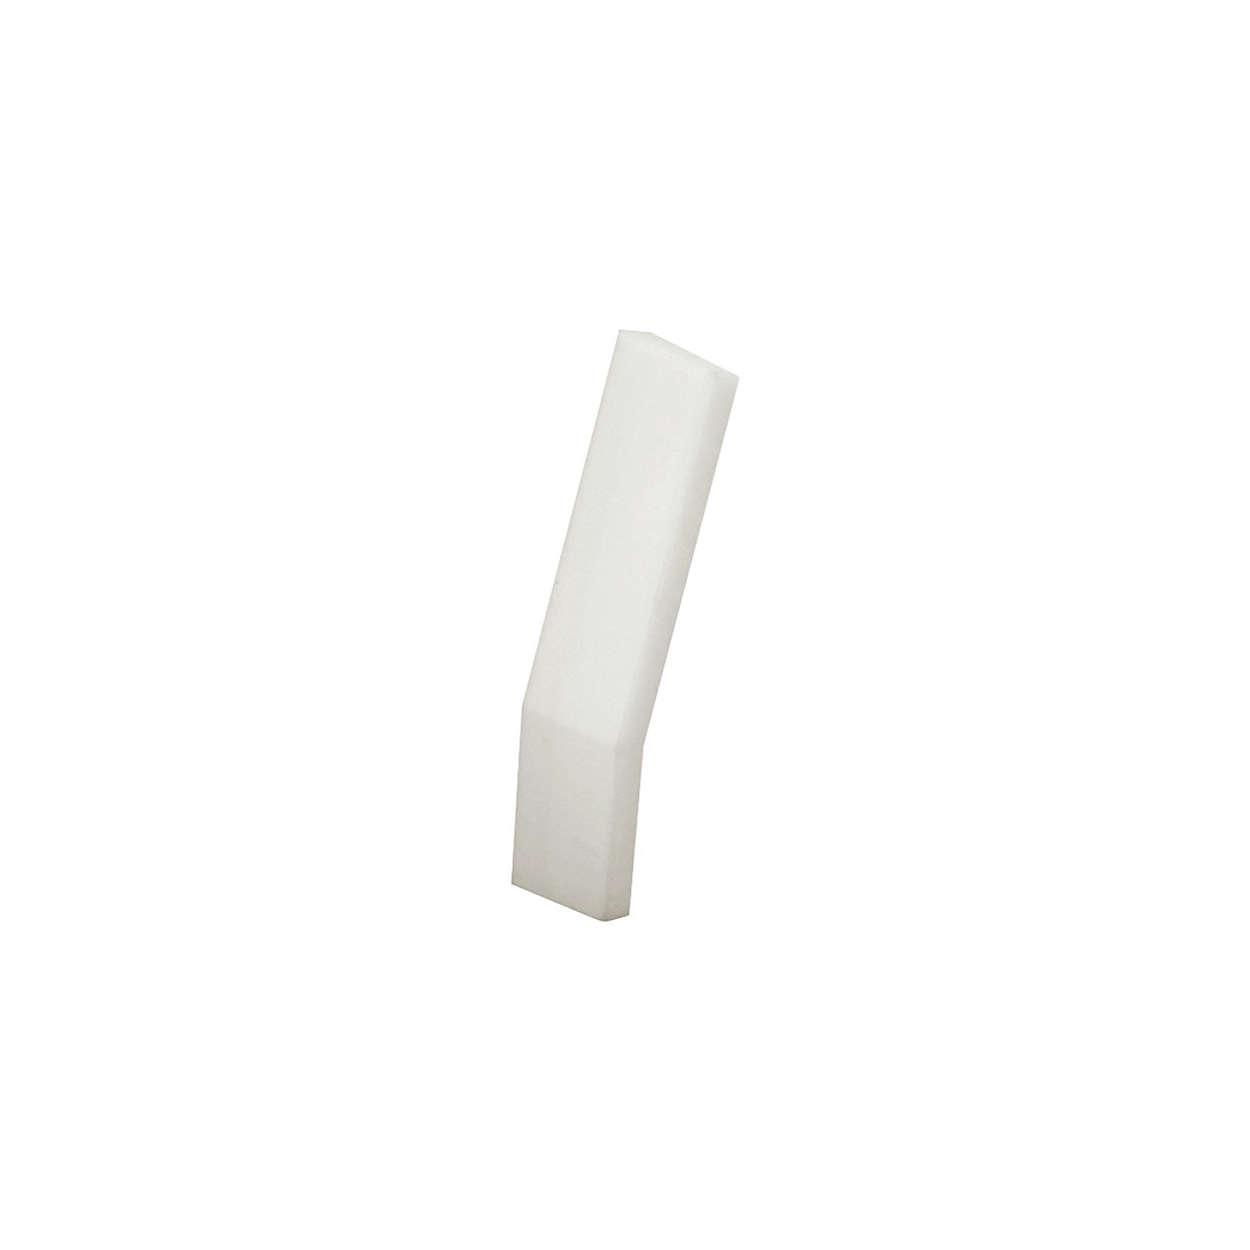 Многофункциональные отражатели GMX 550 TL5